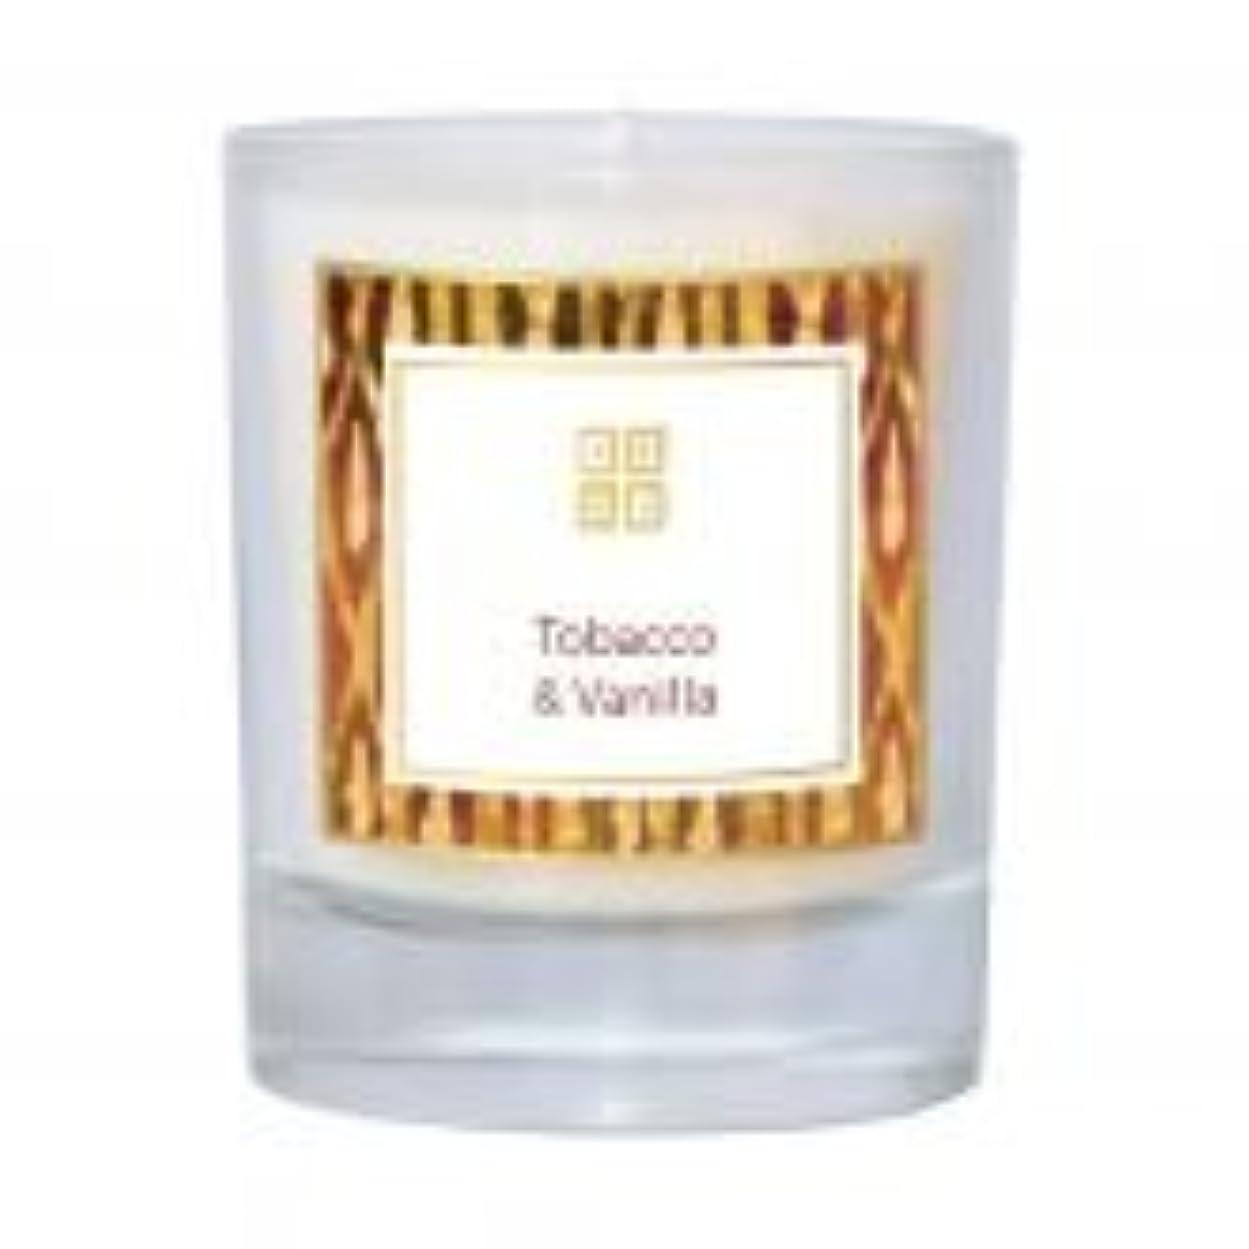 背景ポルティコ進化するTobacco &バニラ香りのキャンドル 7 oz ホワイト 502-08851